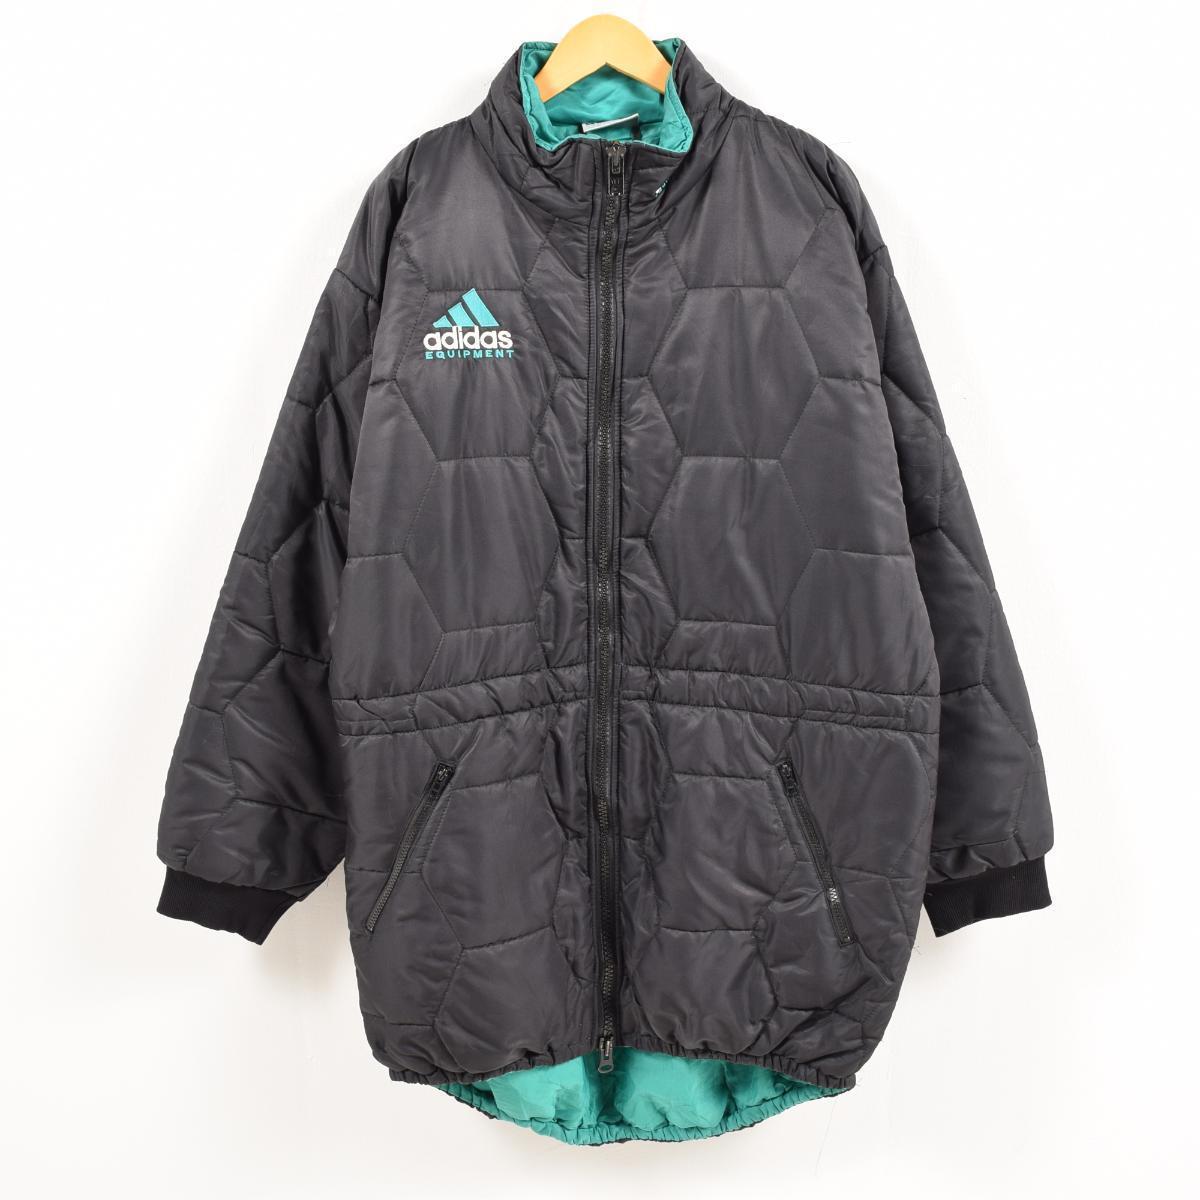 90年代 アディダス adidas EQUIPMENT エキップメント デカロゴ ビッグロゴ 中綿入り ナイロンジャケット メン